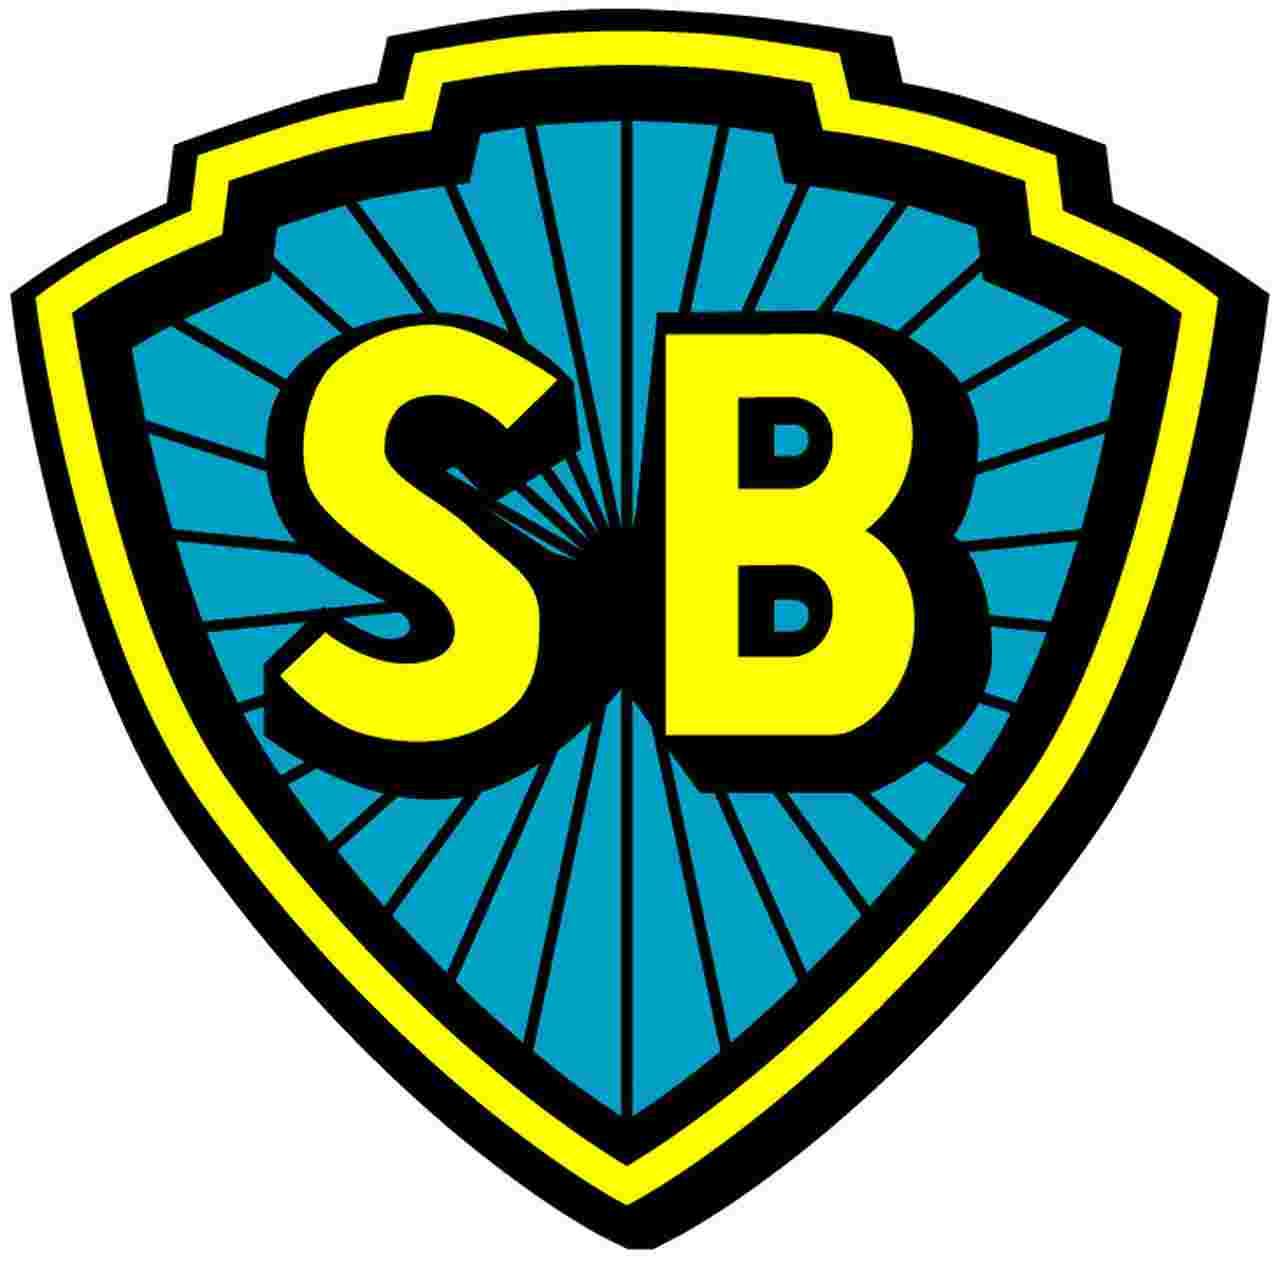 http://4.bp.blogspot.com/_yBbXm25RqhA/TJkpj_Vl4ZI/AAAAAAAAAEA/umfd2107juA/s1600/Shaw_Logo.jpg